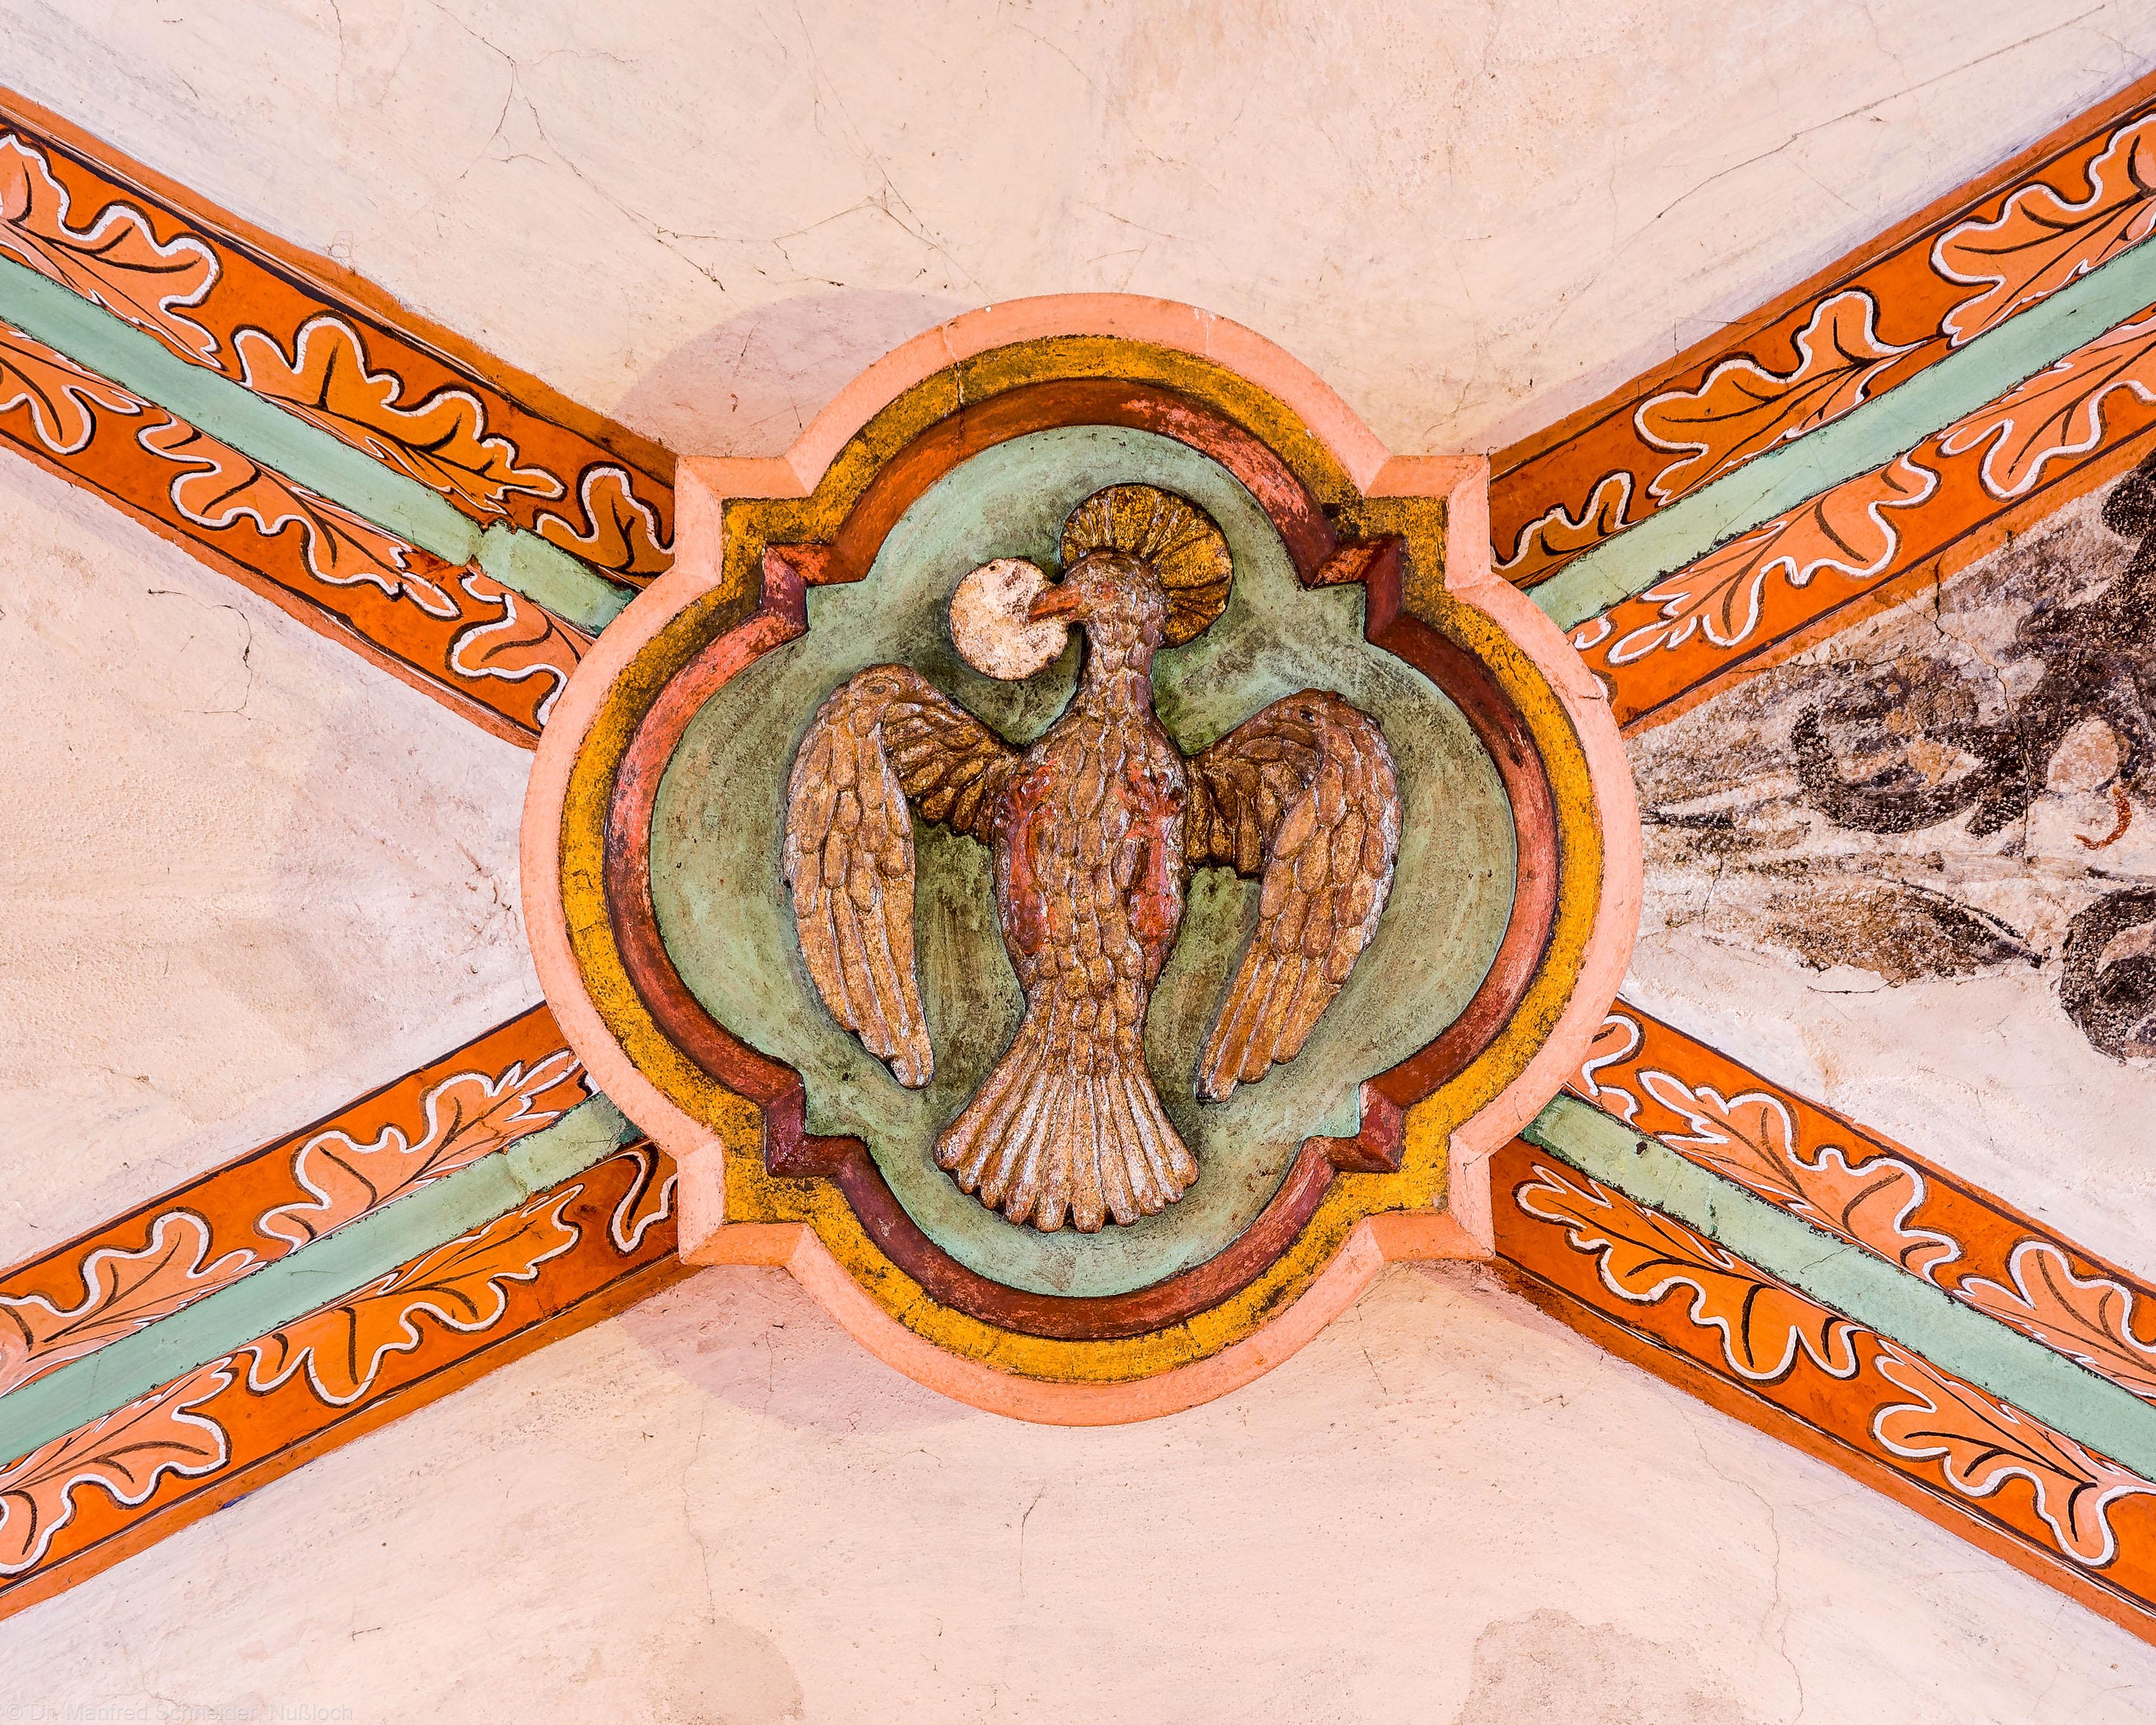 Heidelberg - Heiliggeistkirche - Mittelschiff - 5. Schlußstein, von Westen aus gezählt (aufgenommen im Januar 2013, am frühen Nachmittag)